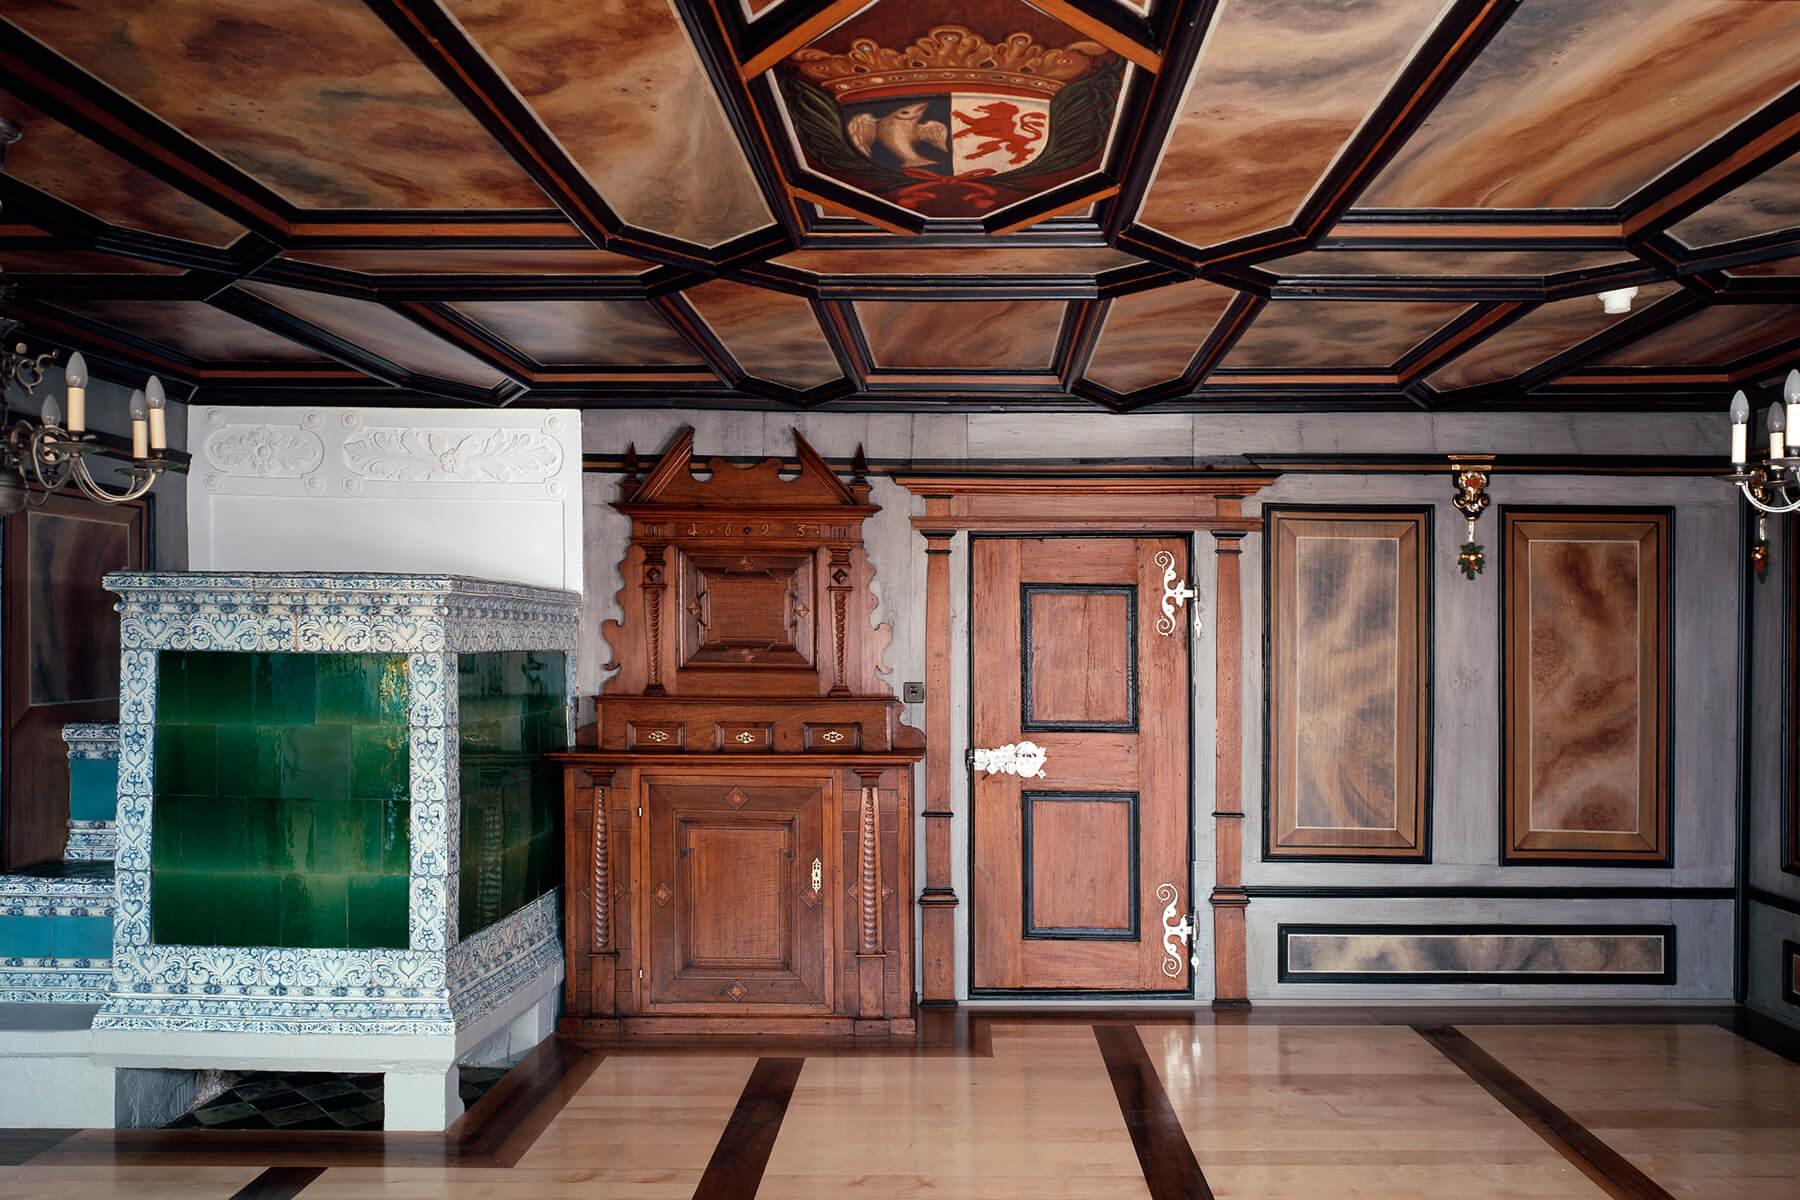 immobilien korporation sursee. Black Bedroom Furniture Sets. Home Design Ideas